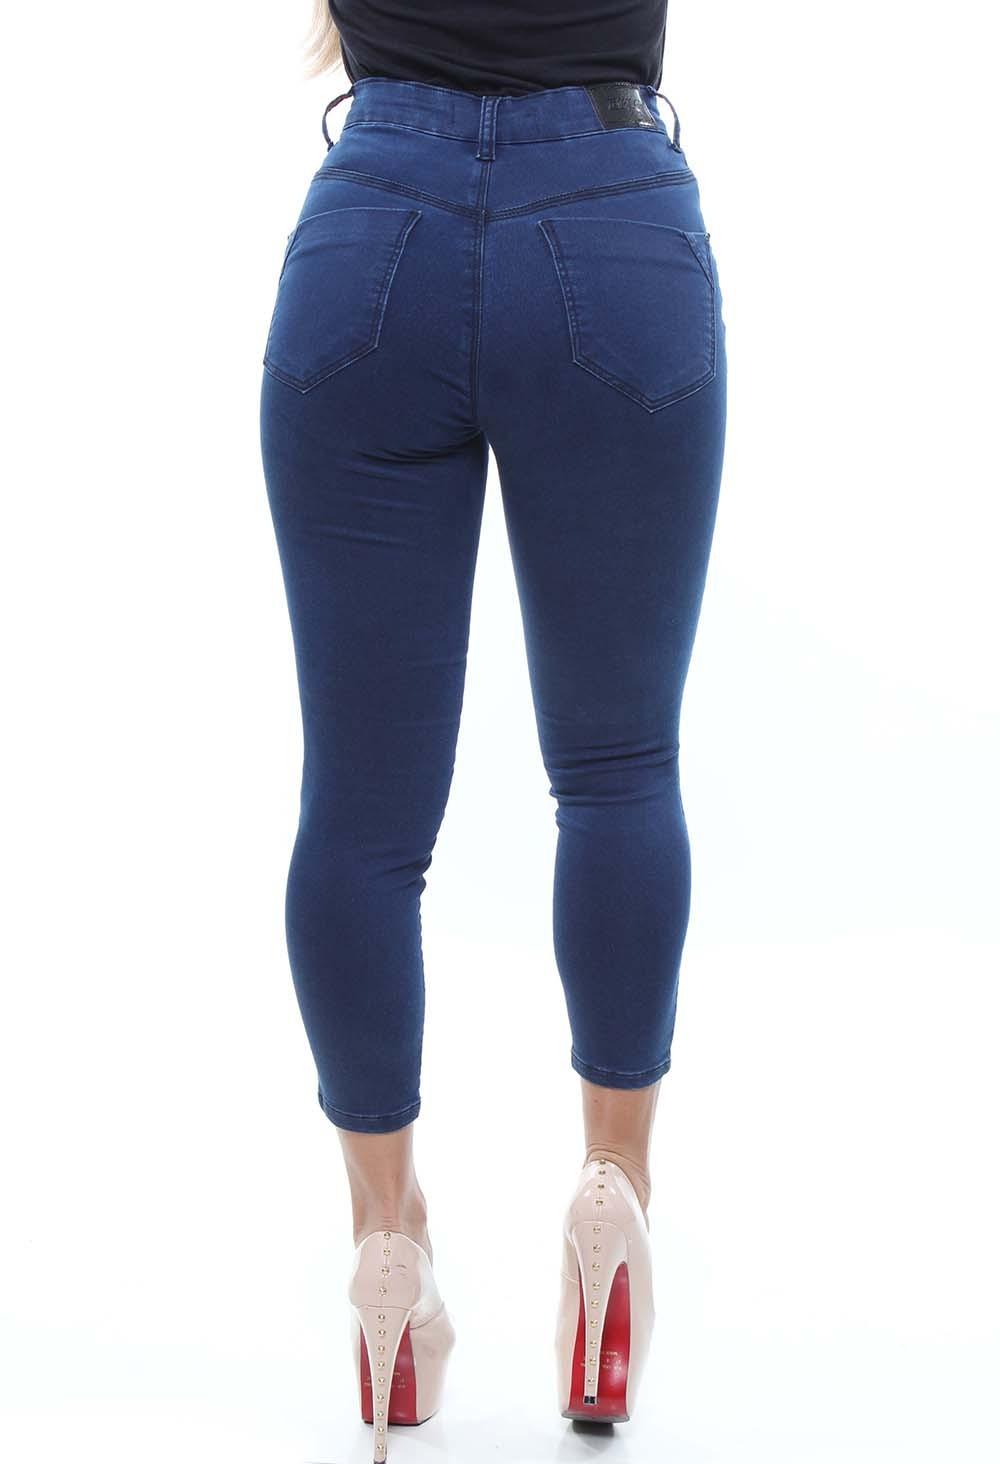 Calça Capri Jeans Feminina Crocker - 47751